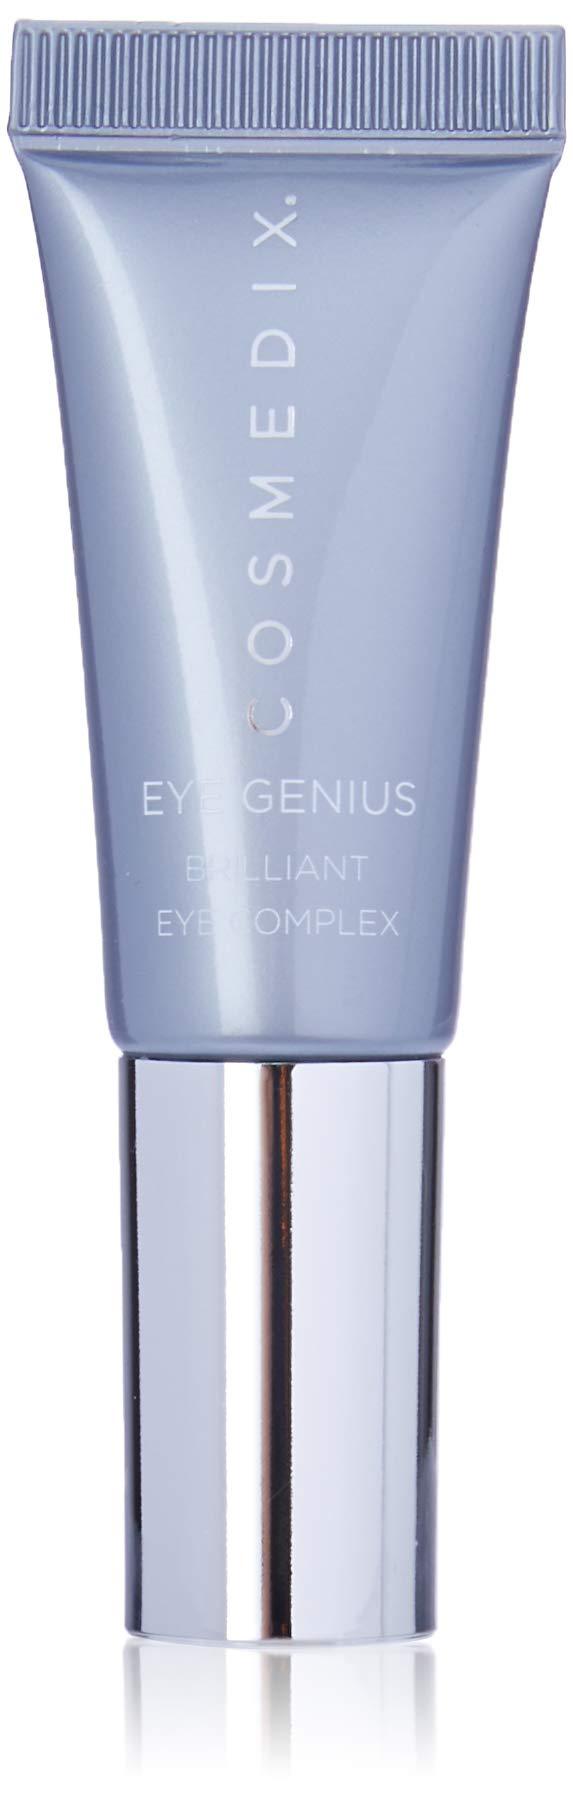 CosMedix Eye Genius Brilliant Eye Complex, Under Eye Serum, 0.25 Fl Oz by COSMEDIX